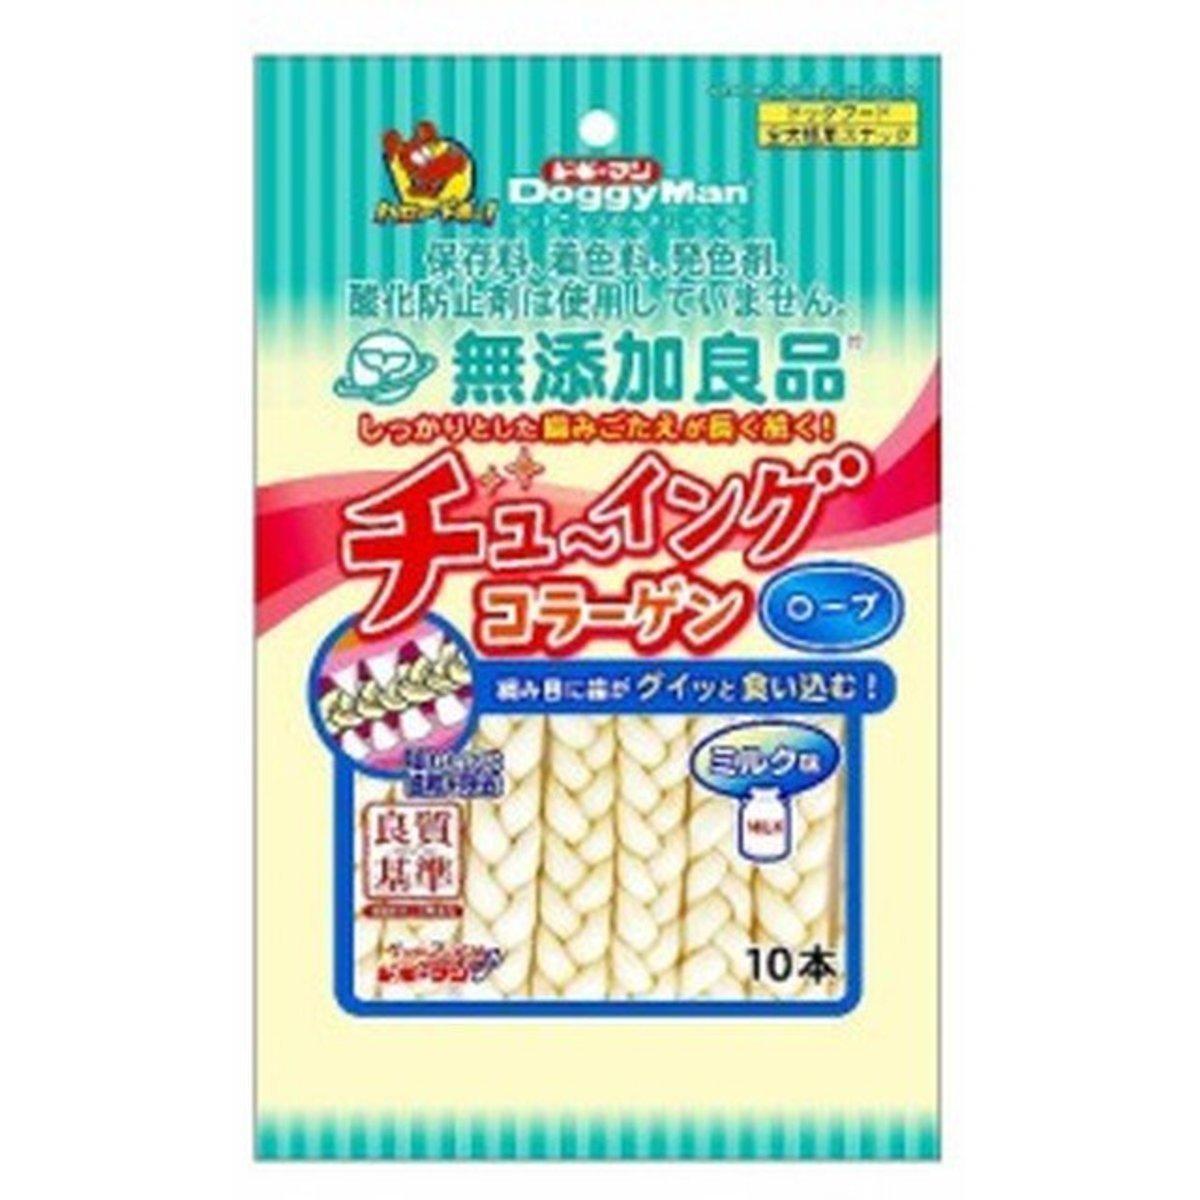 Soft Rawhide Collagen Gum - Twist (10pcs) #82169 B4